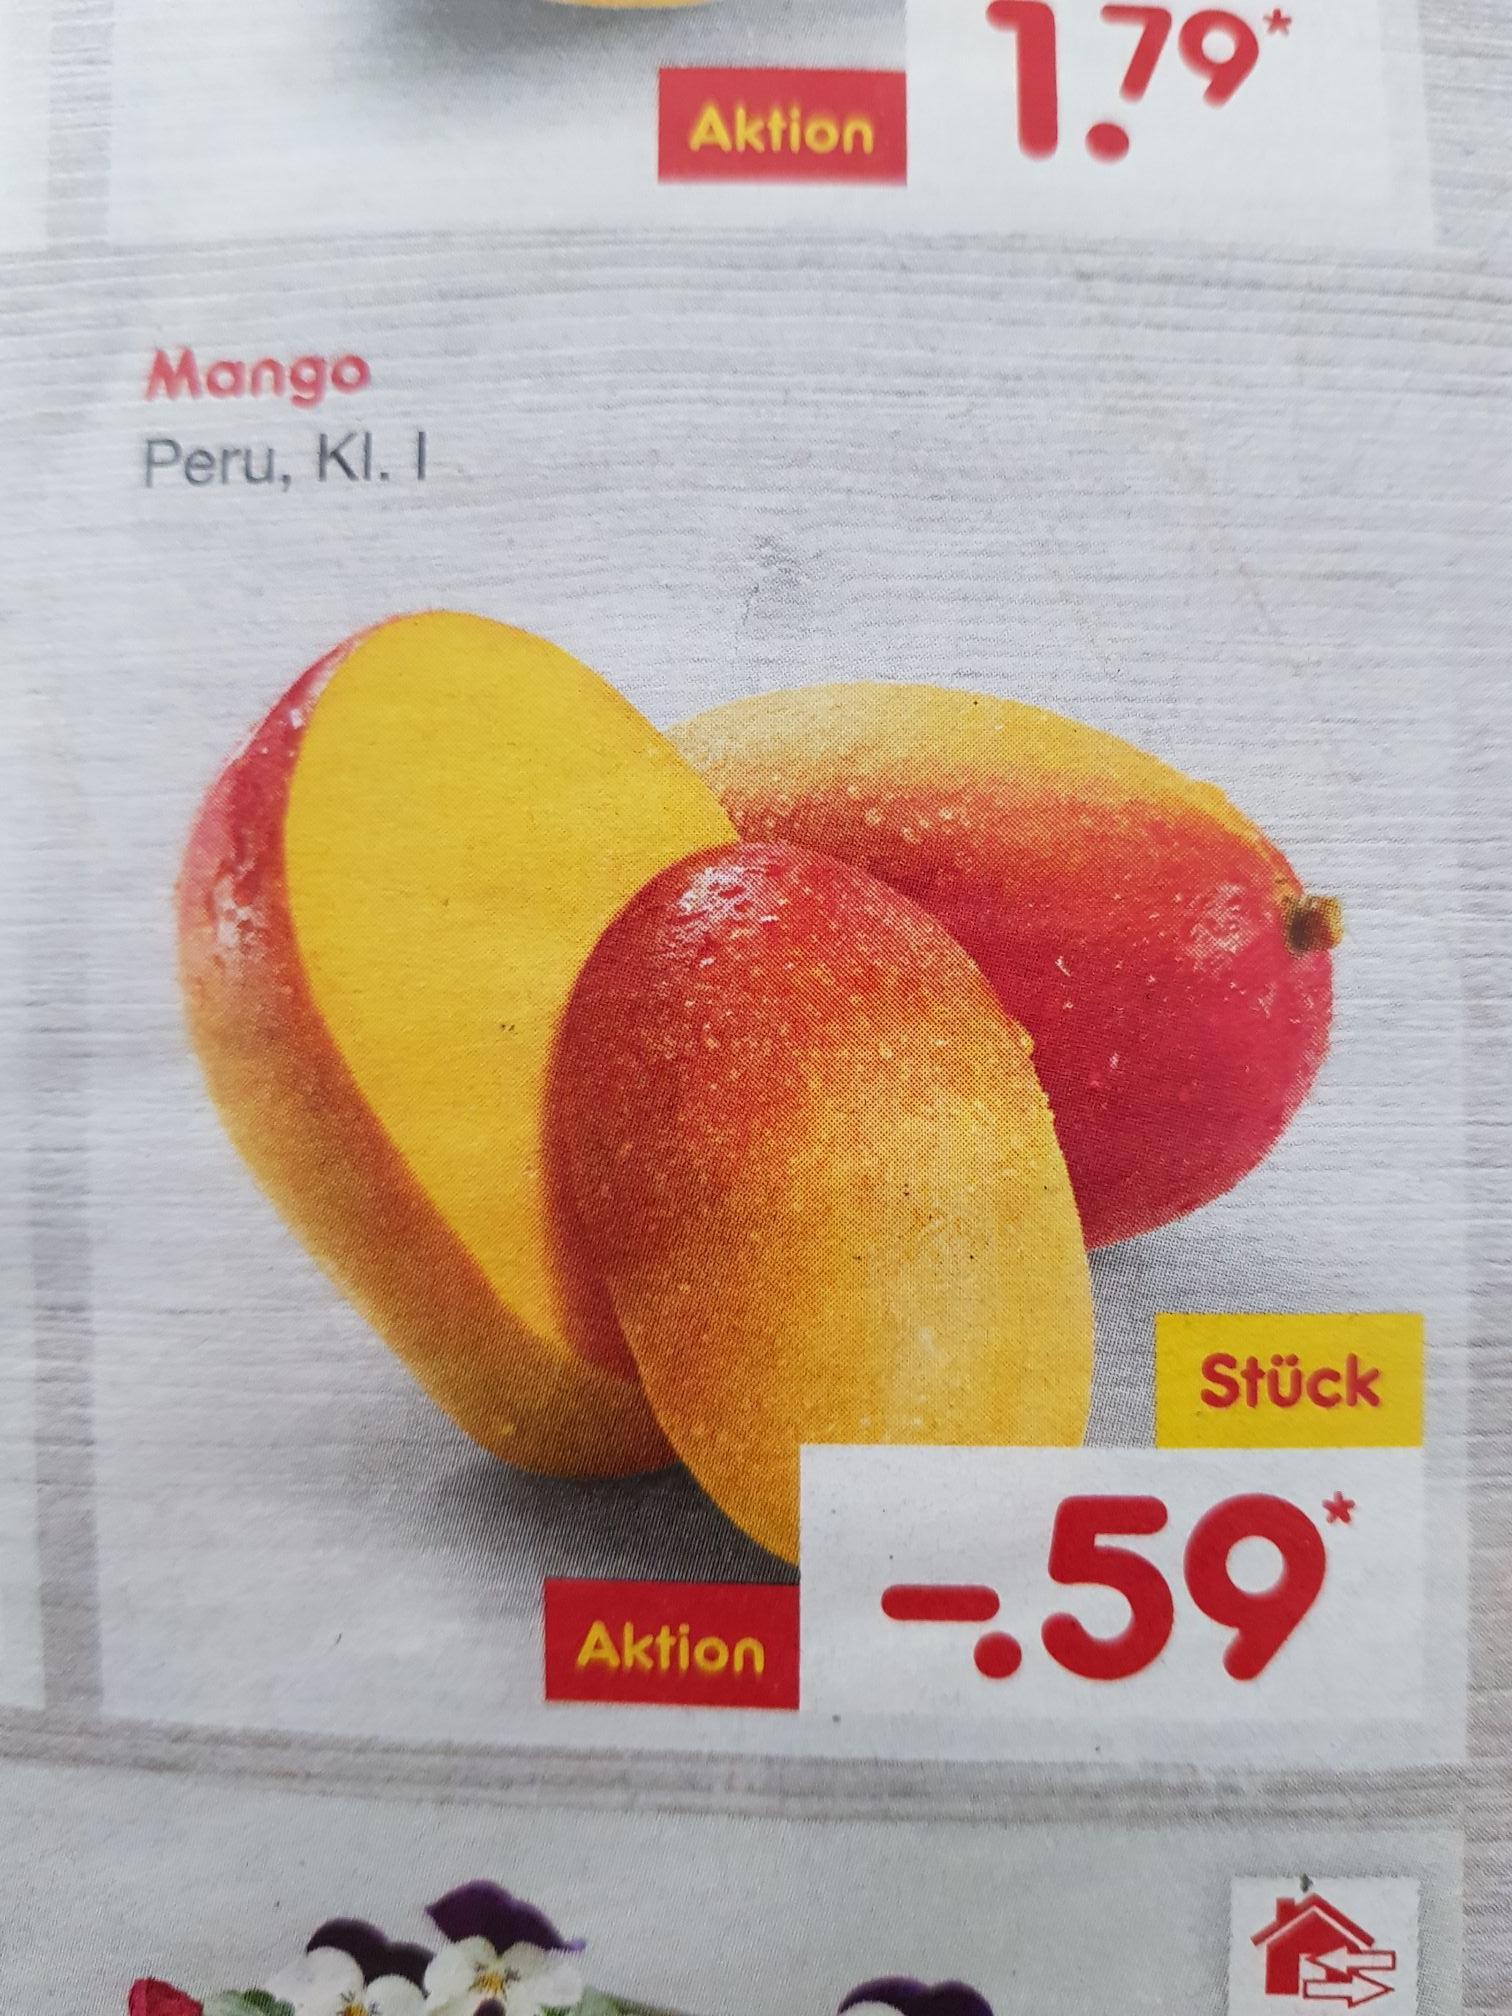 [Netto MD] Mango für 59ct pro Stück vom 26.2.-03.03.